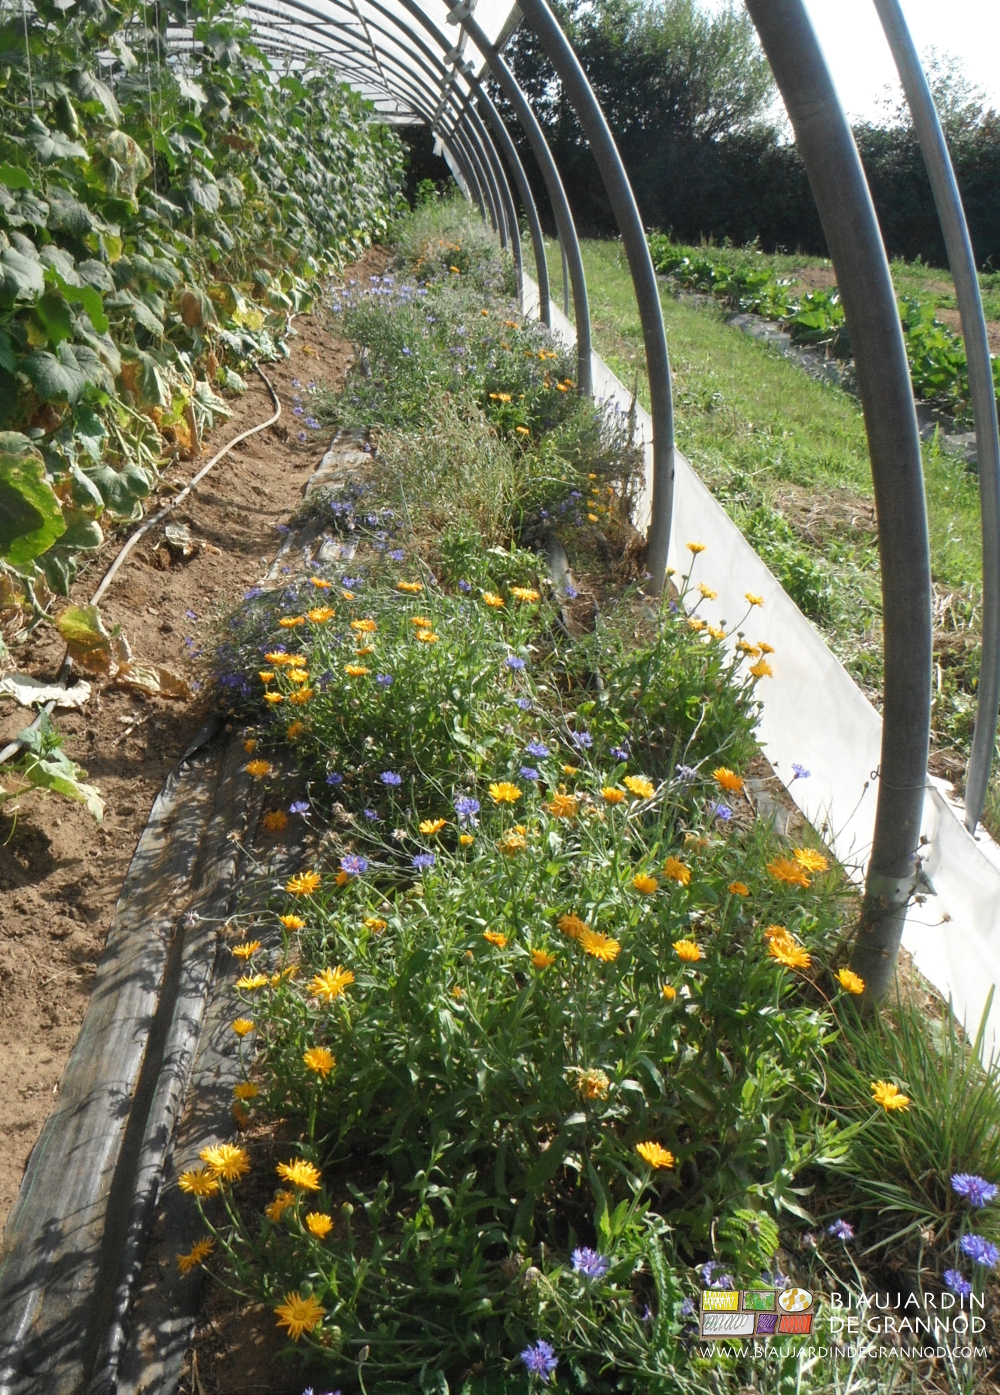 """Bordure fleurie """"en production"""", allée permanente couverte par toile de paillage laissant la terre de la planche accessible aux auxiliaires."""